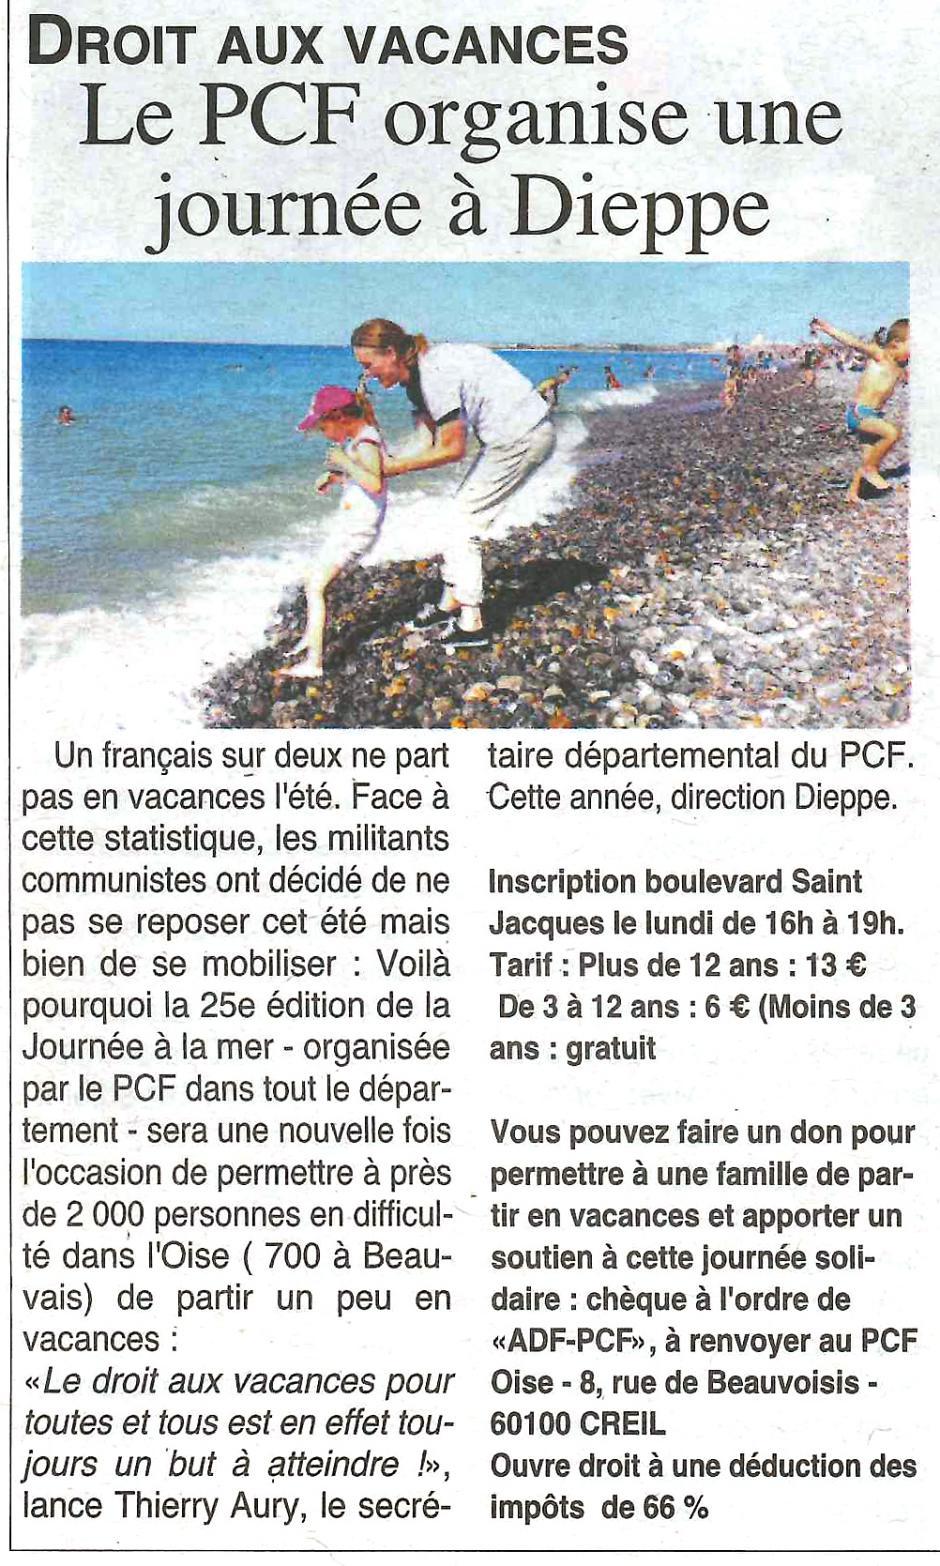 20190717-OH-Oise-Le PCF organise une journée à Dieppe